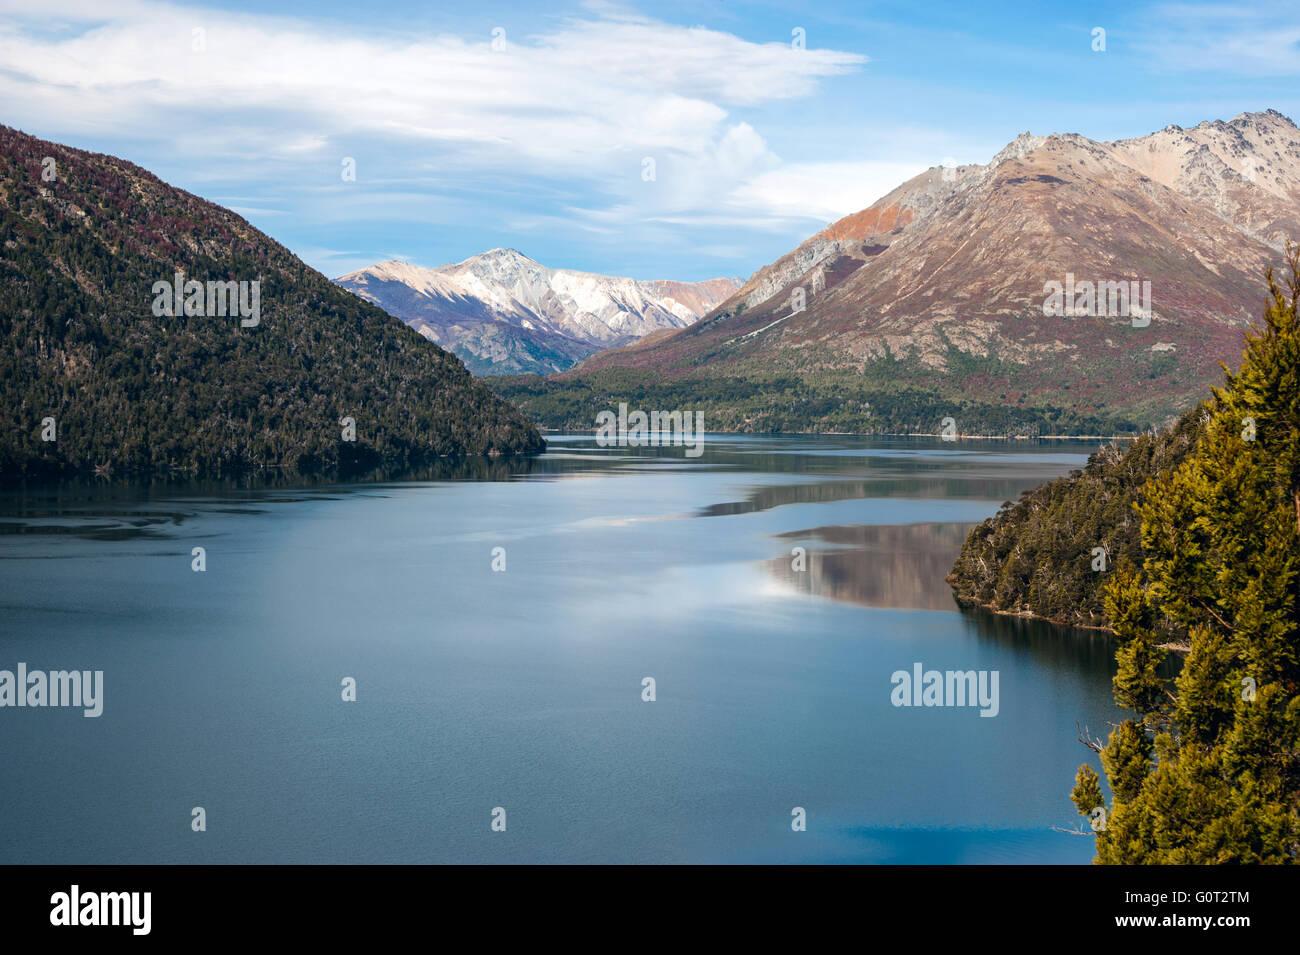 Autunno a Bariloche, Patagonia, Argentina Immagini Stock